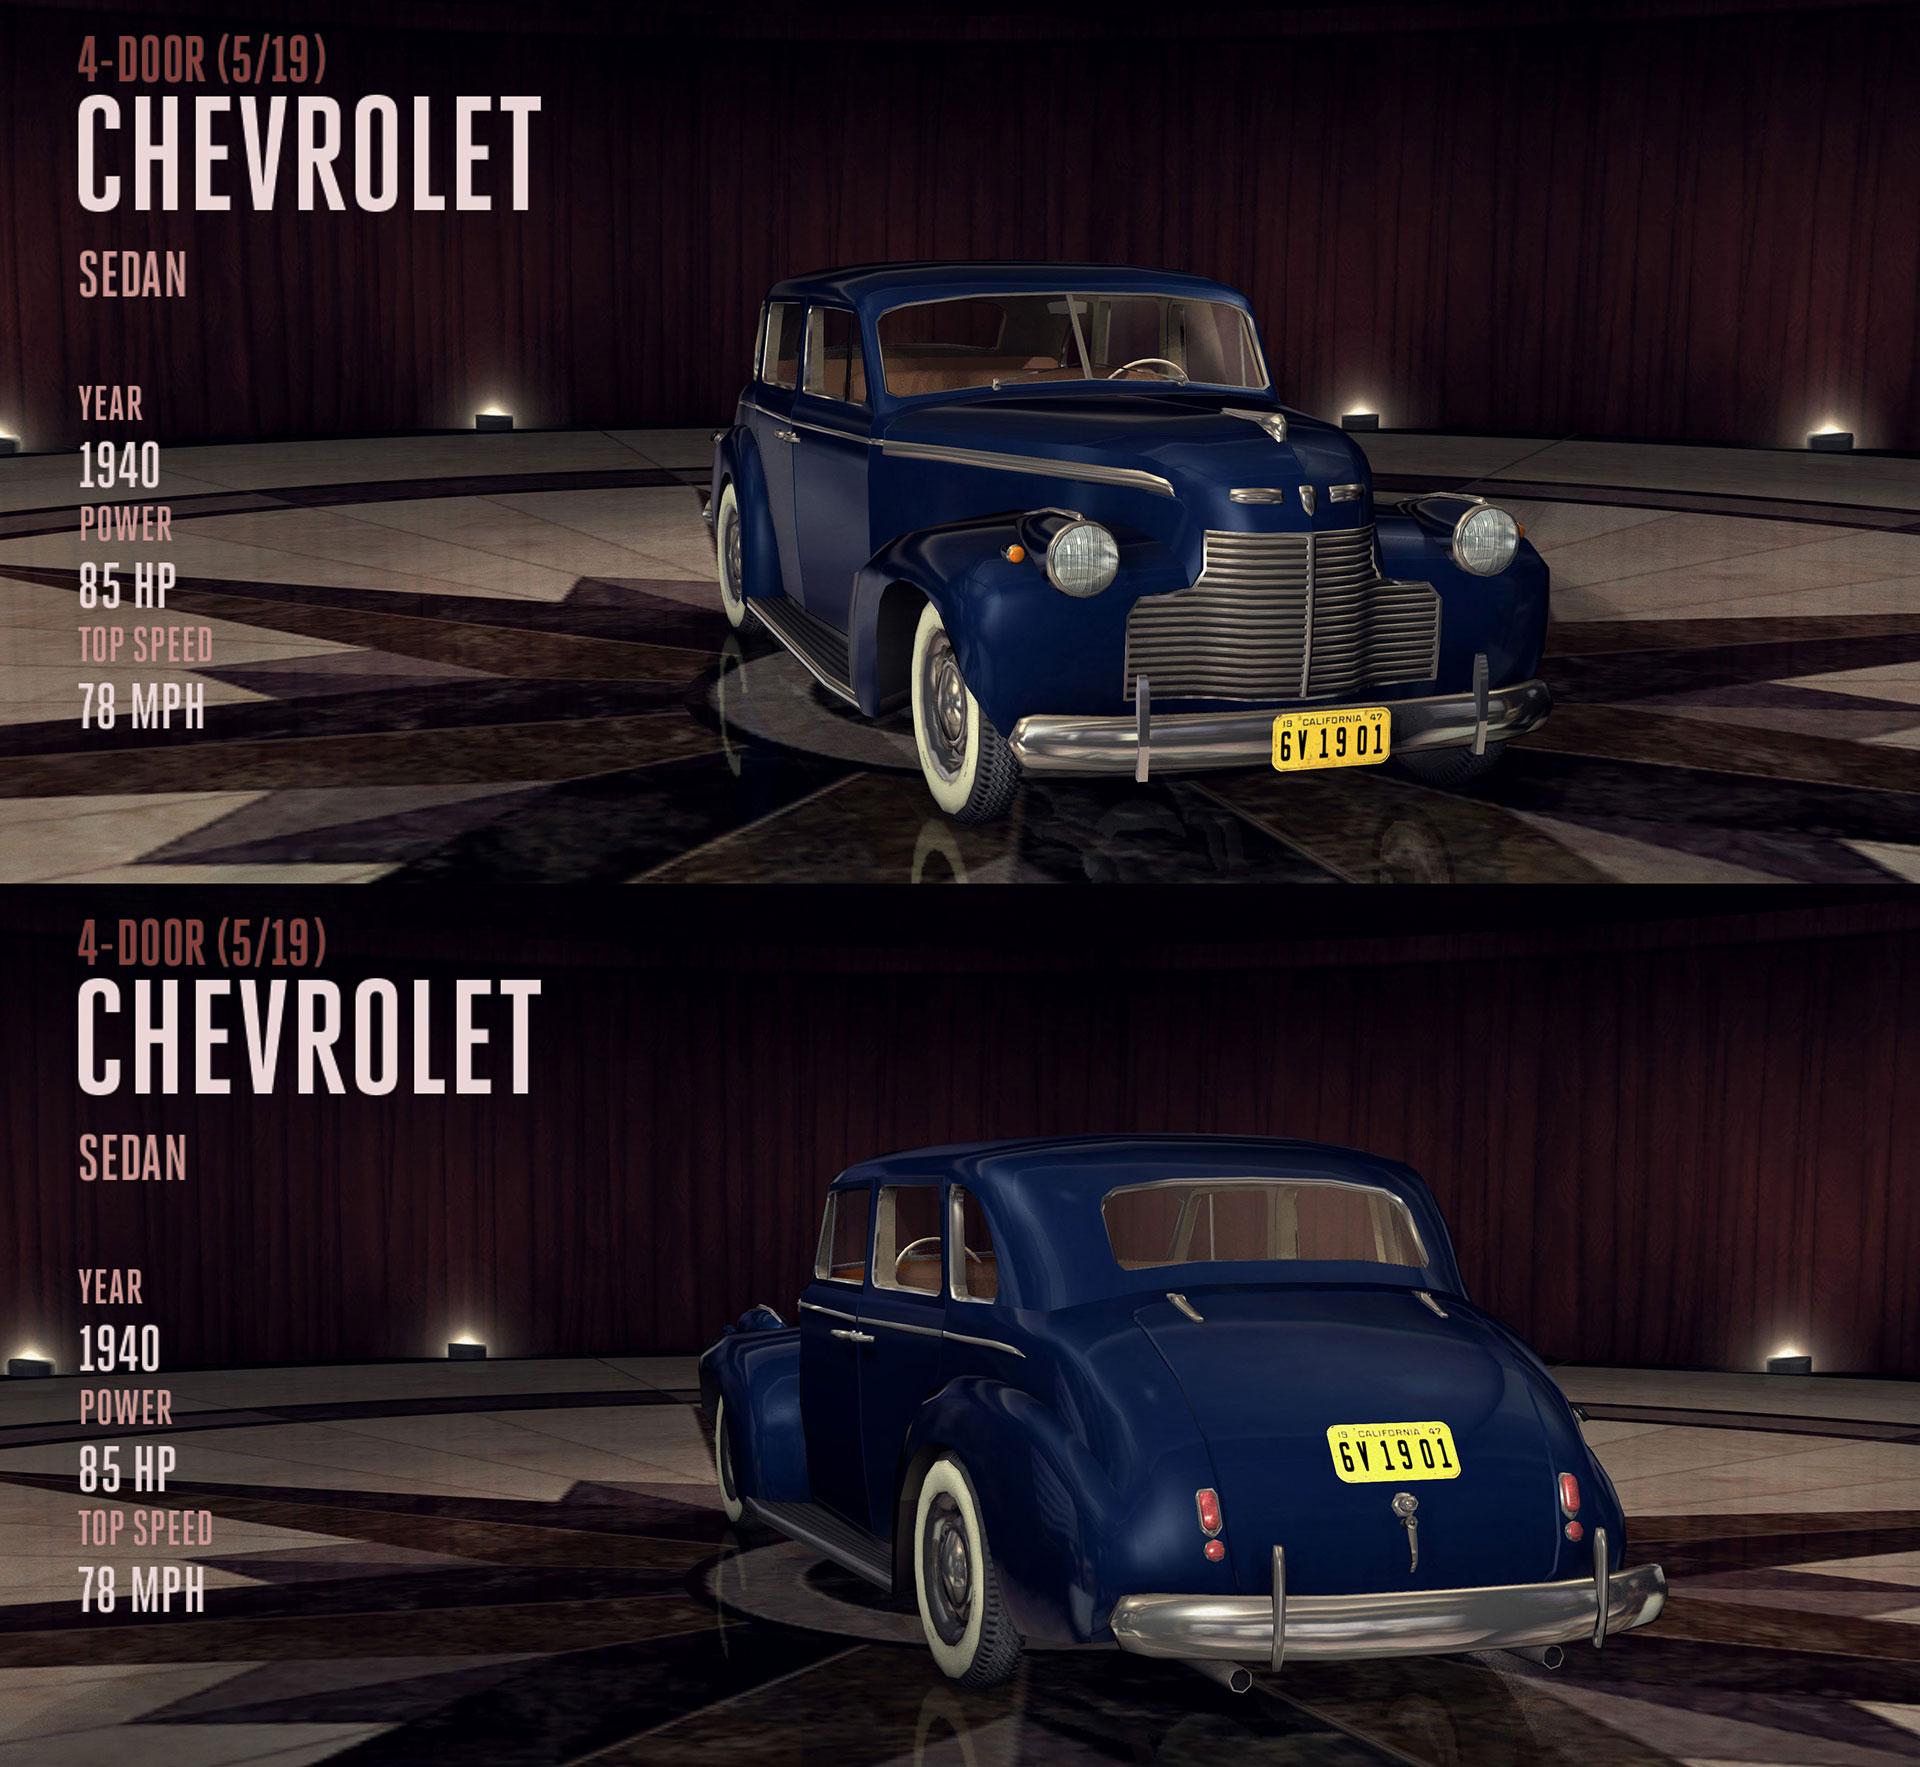 File:1940-chevrolet-sedan.jpg